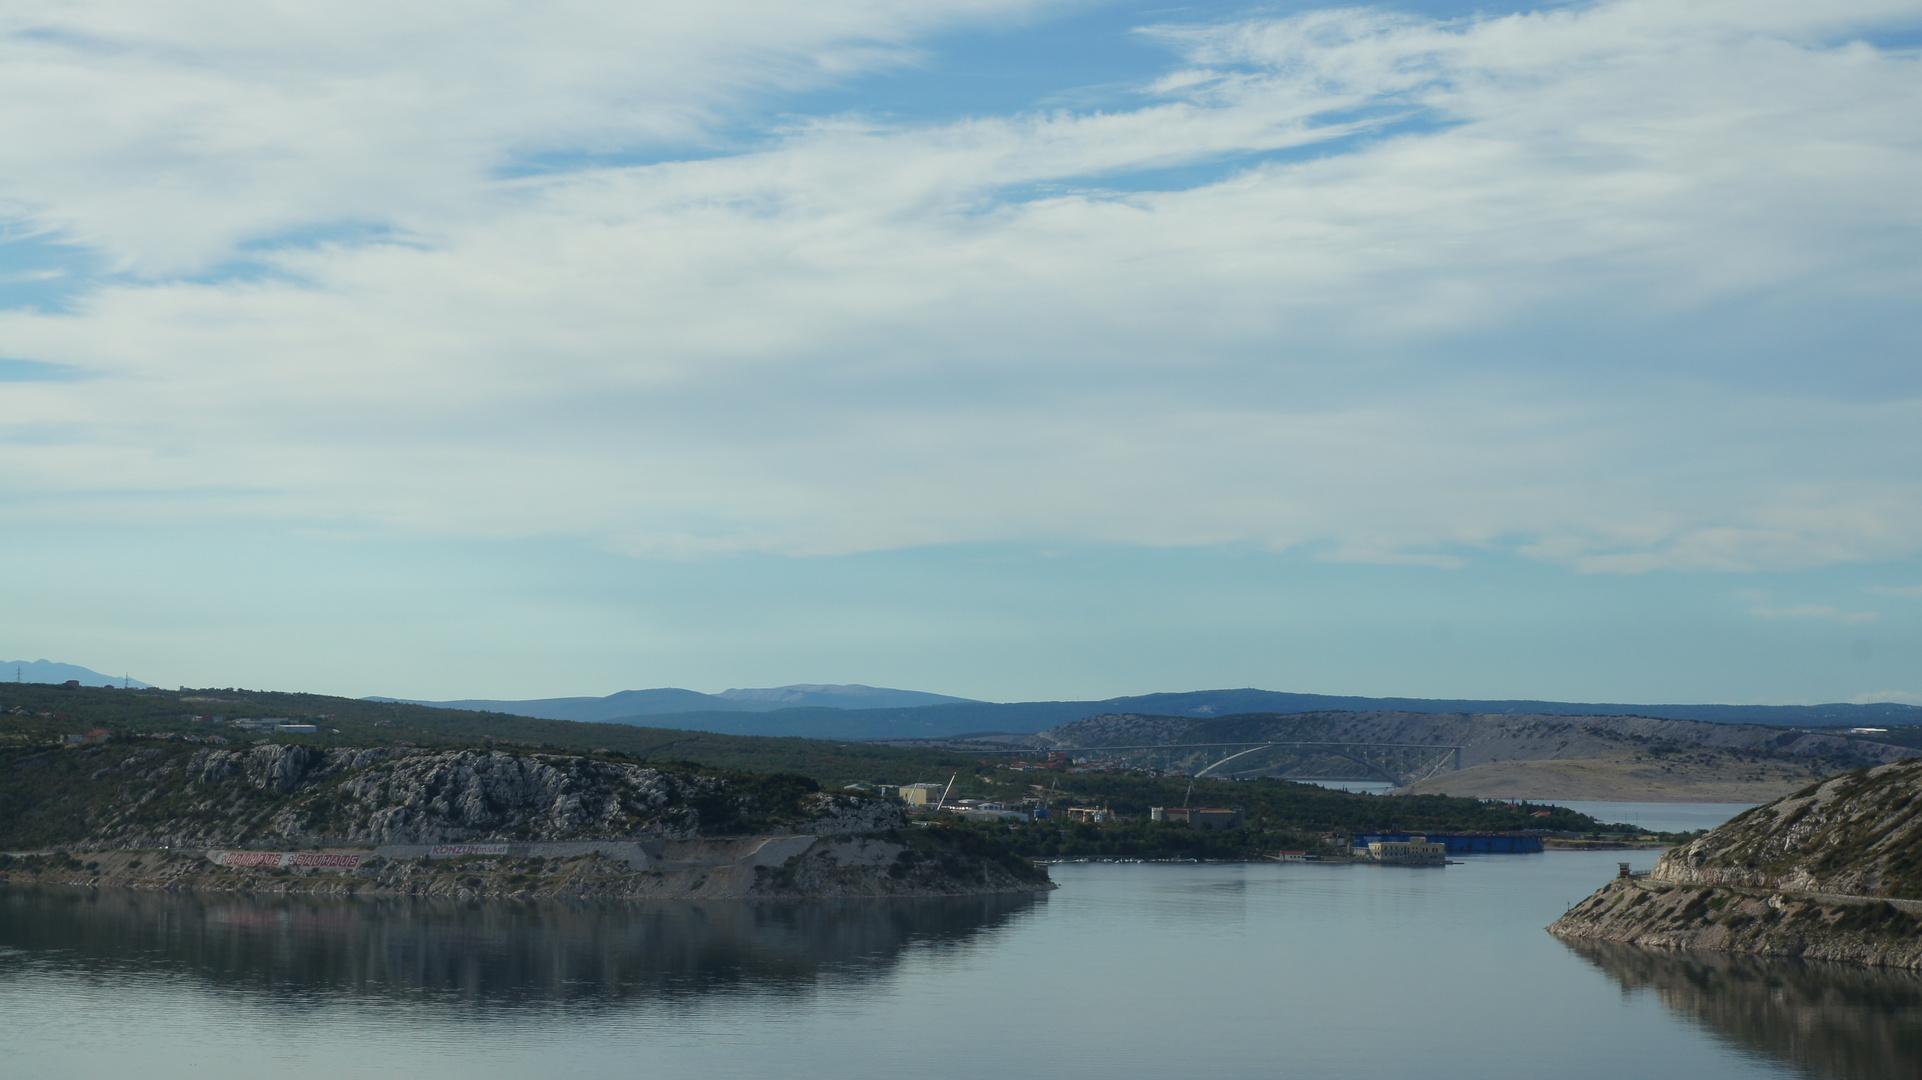 Blick auf die Adria und Brücke von der Insel Krk